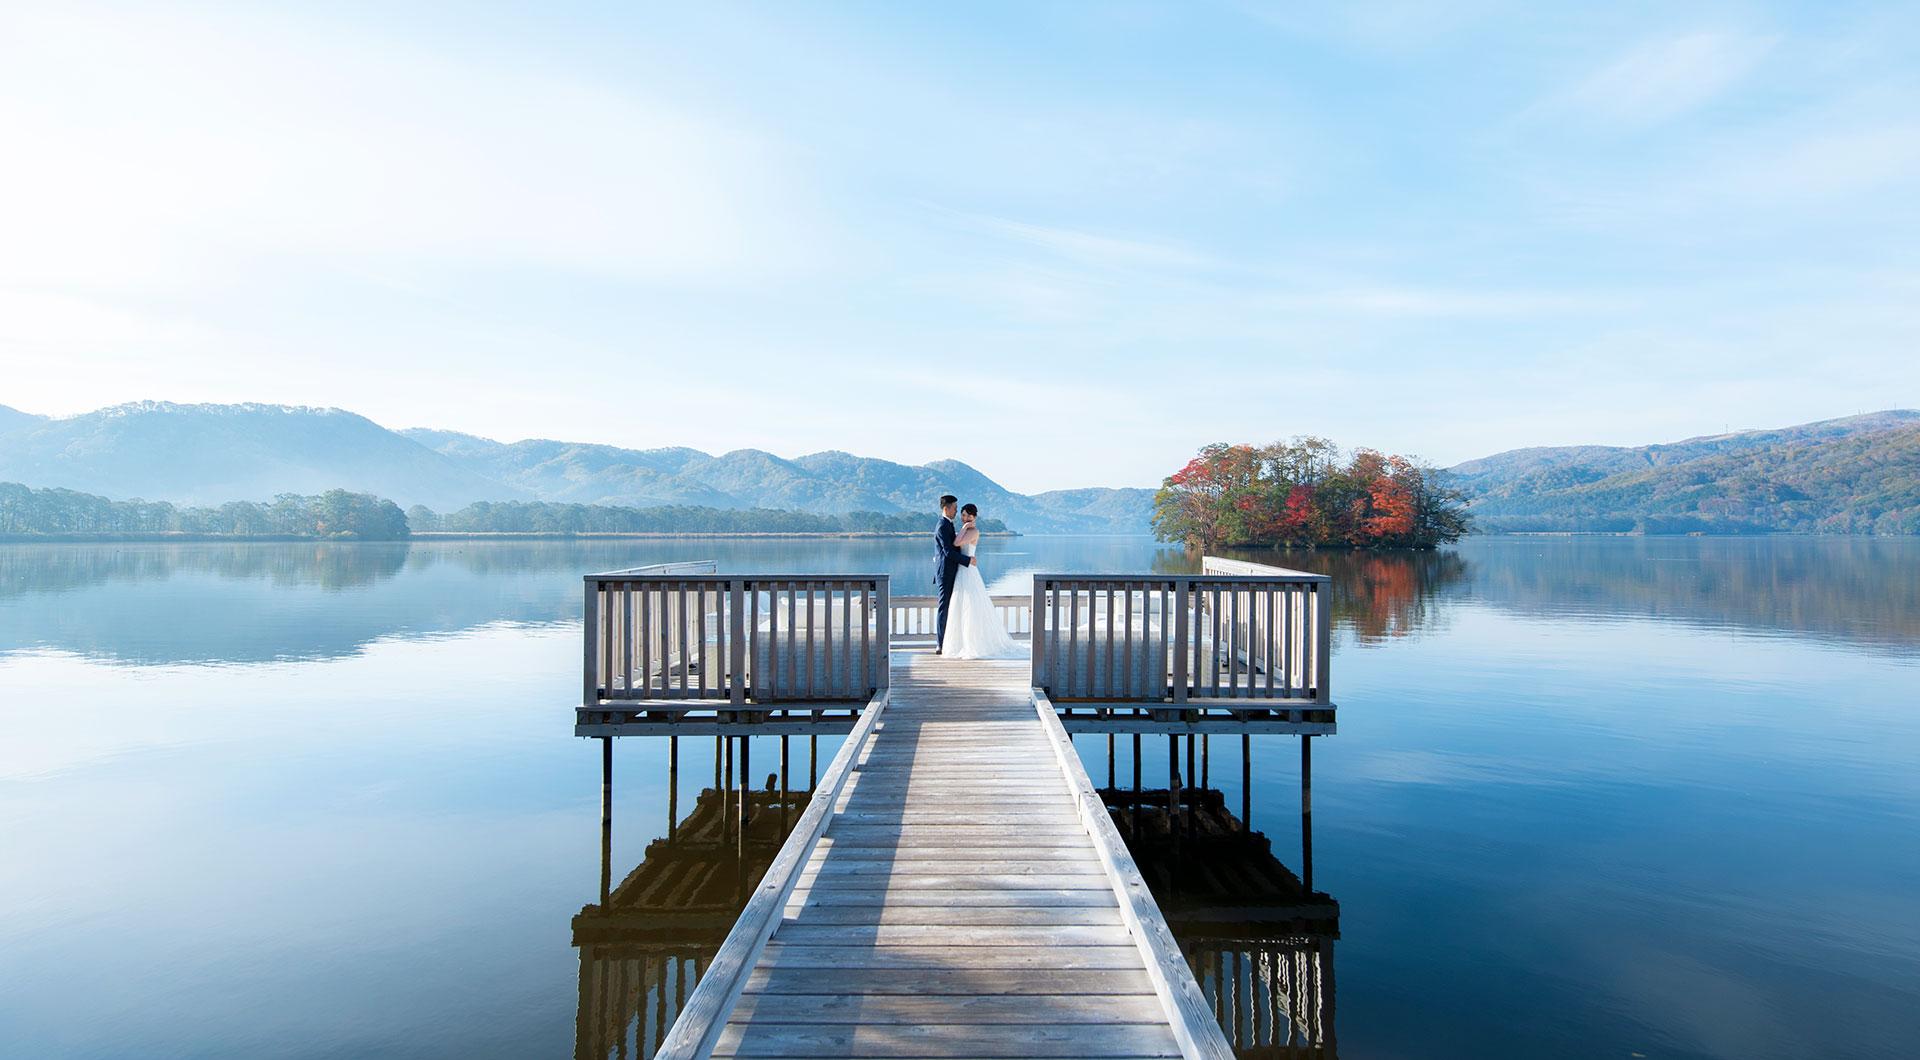 函館大沼の大自然に囲まれて過ごす、おふたりの新たな一日。